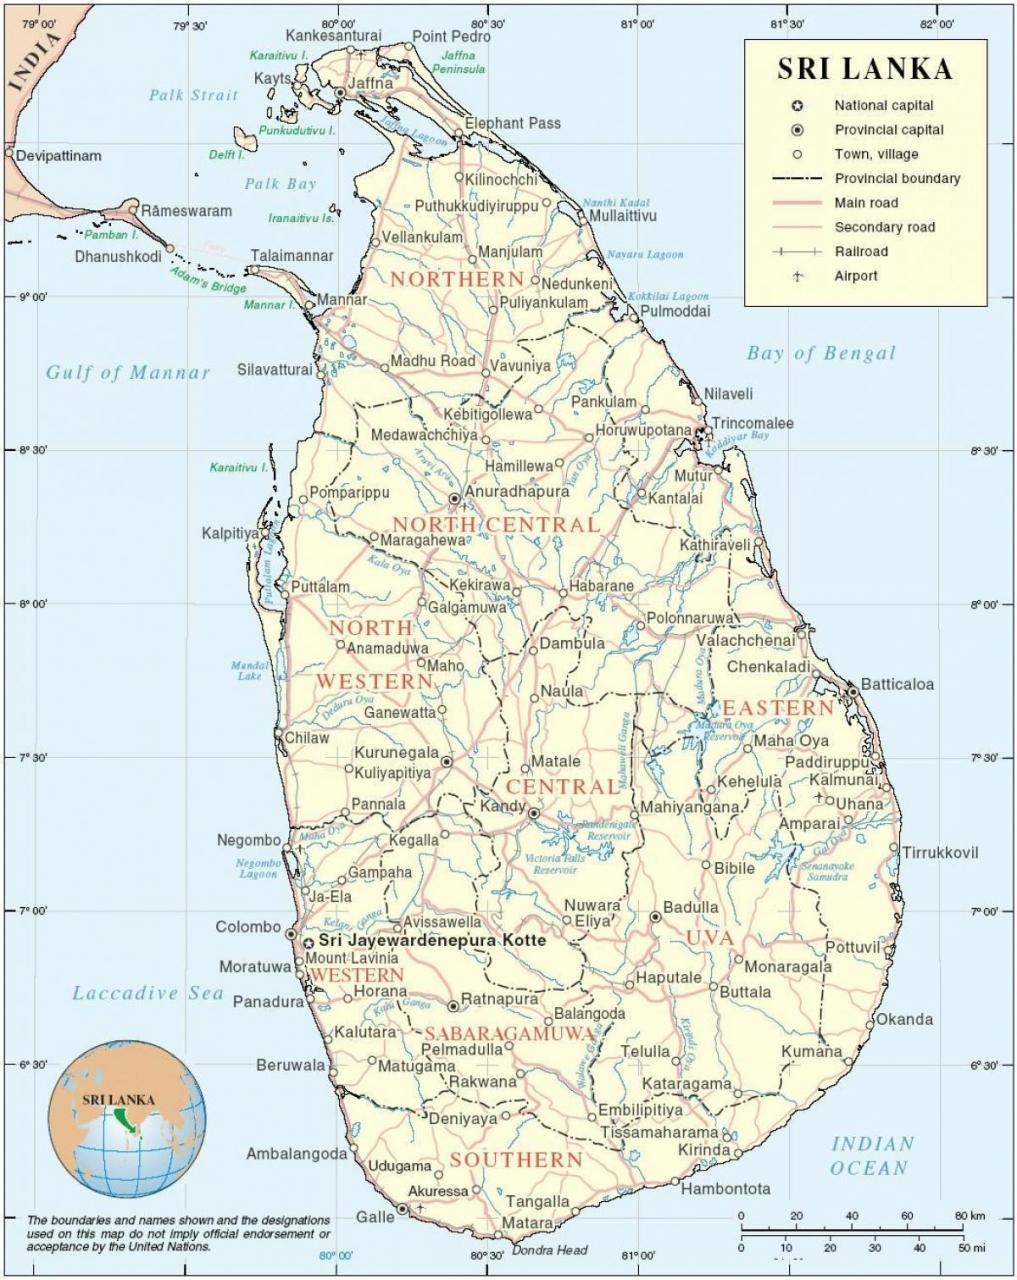 خريطة سريلانكا التفصيلية بالانجليزي